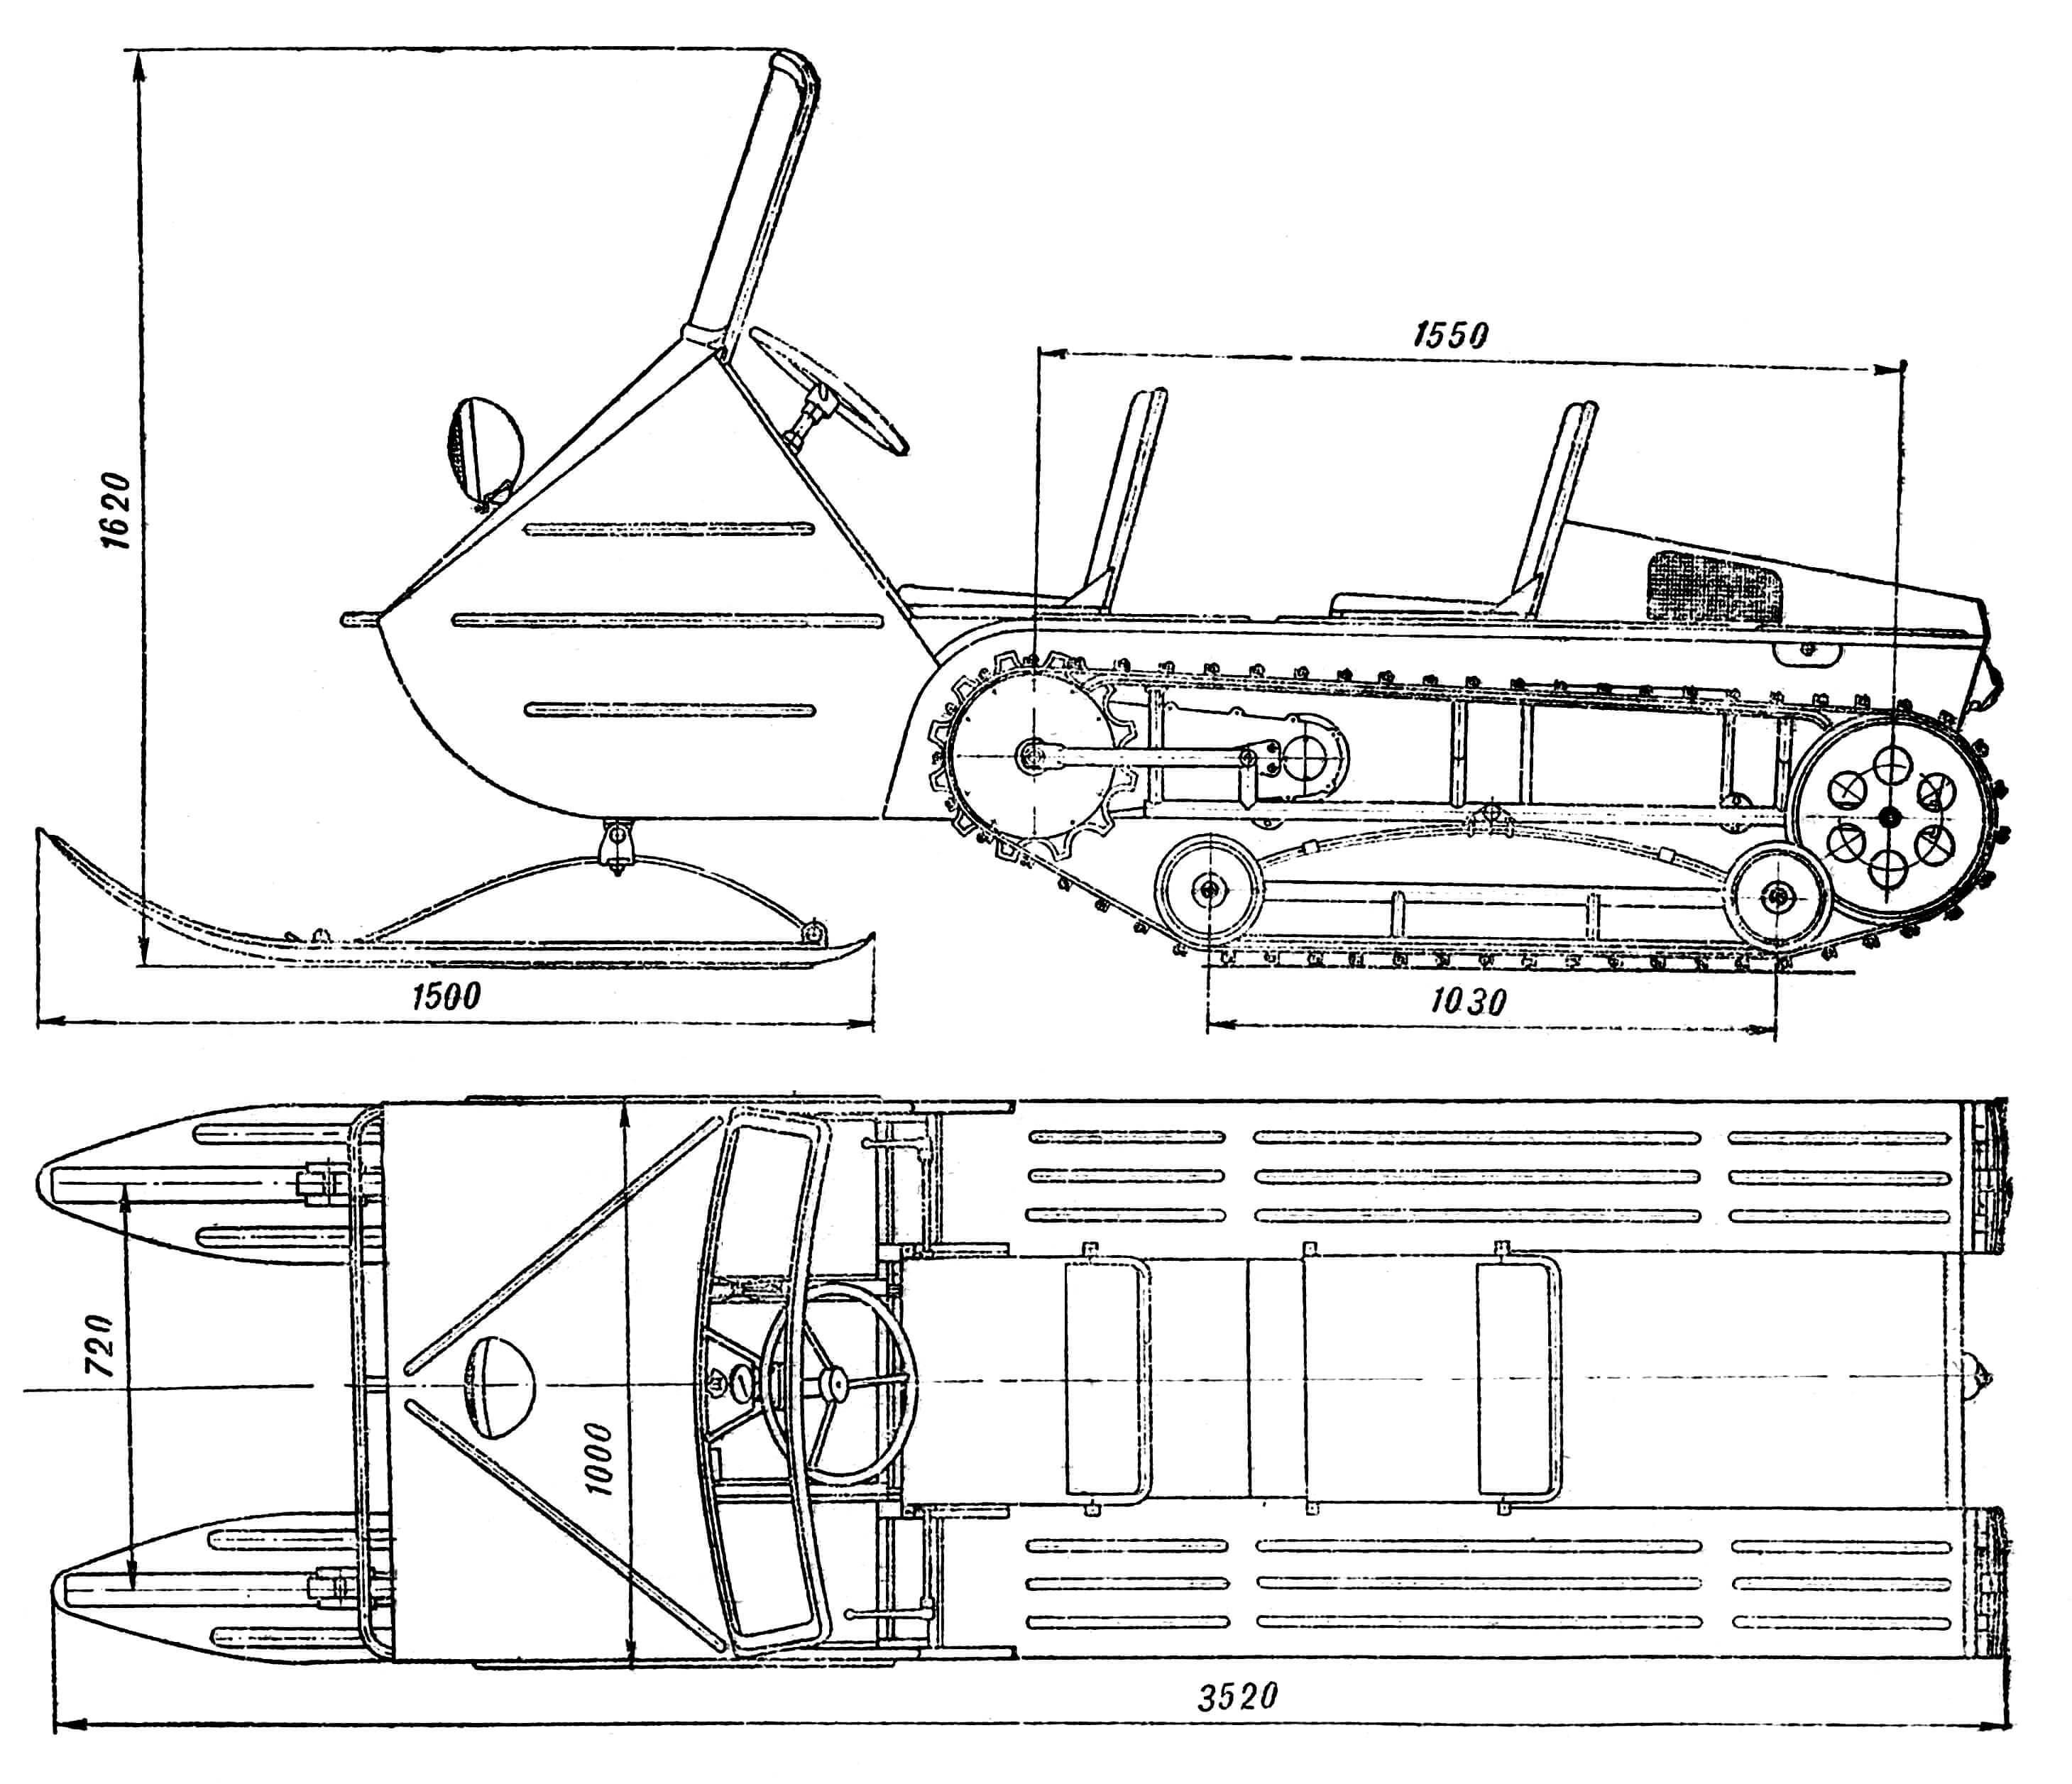 Рис. 1. Снегоход-мотонарты МС-ГПИ-15А, созданные в Горьковском политехническом институте.